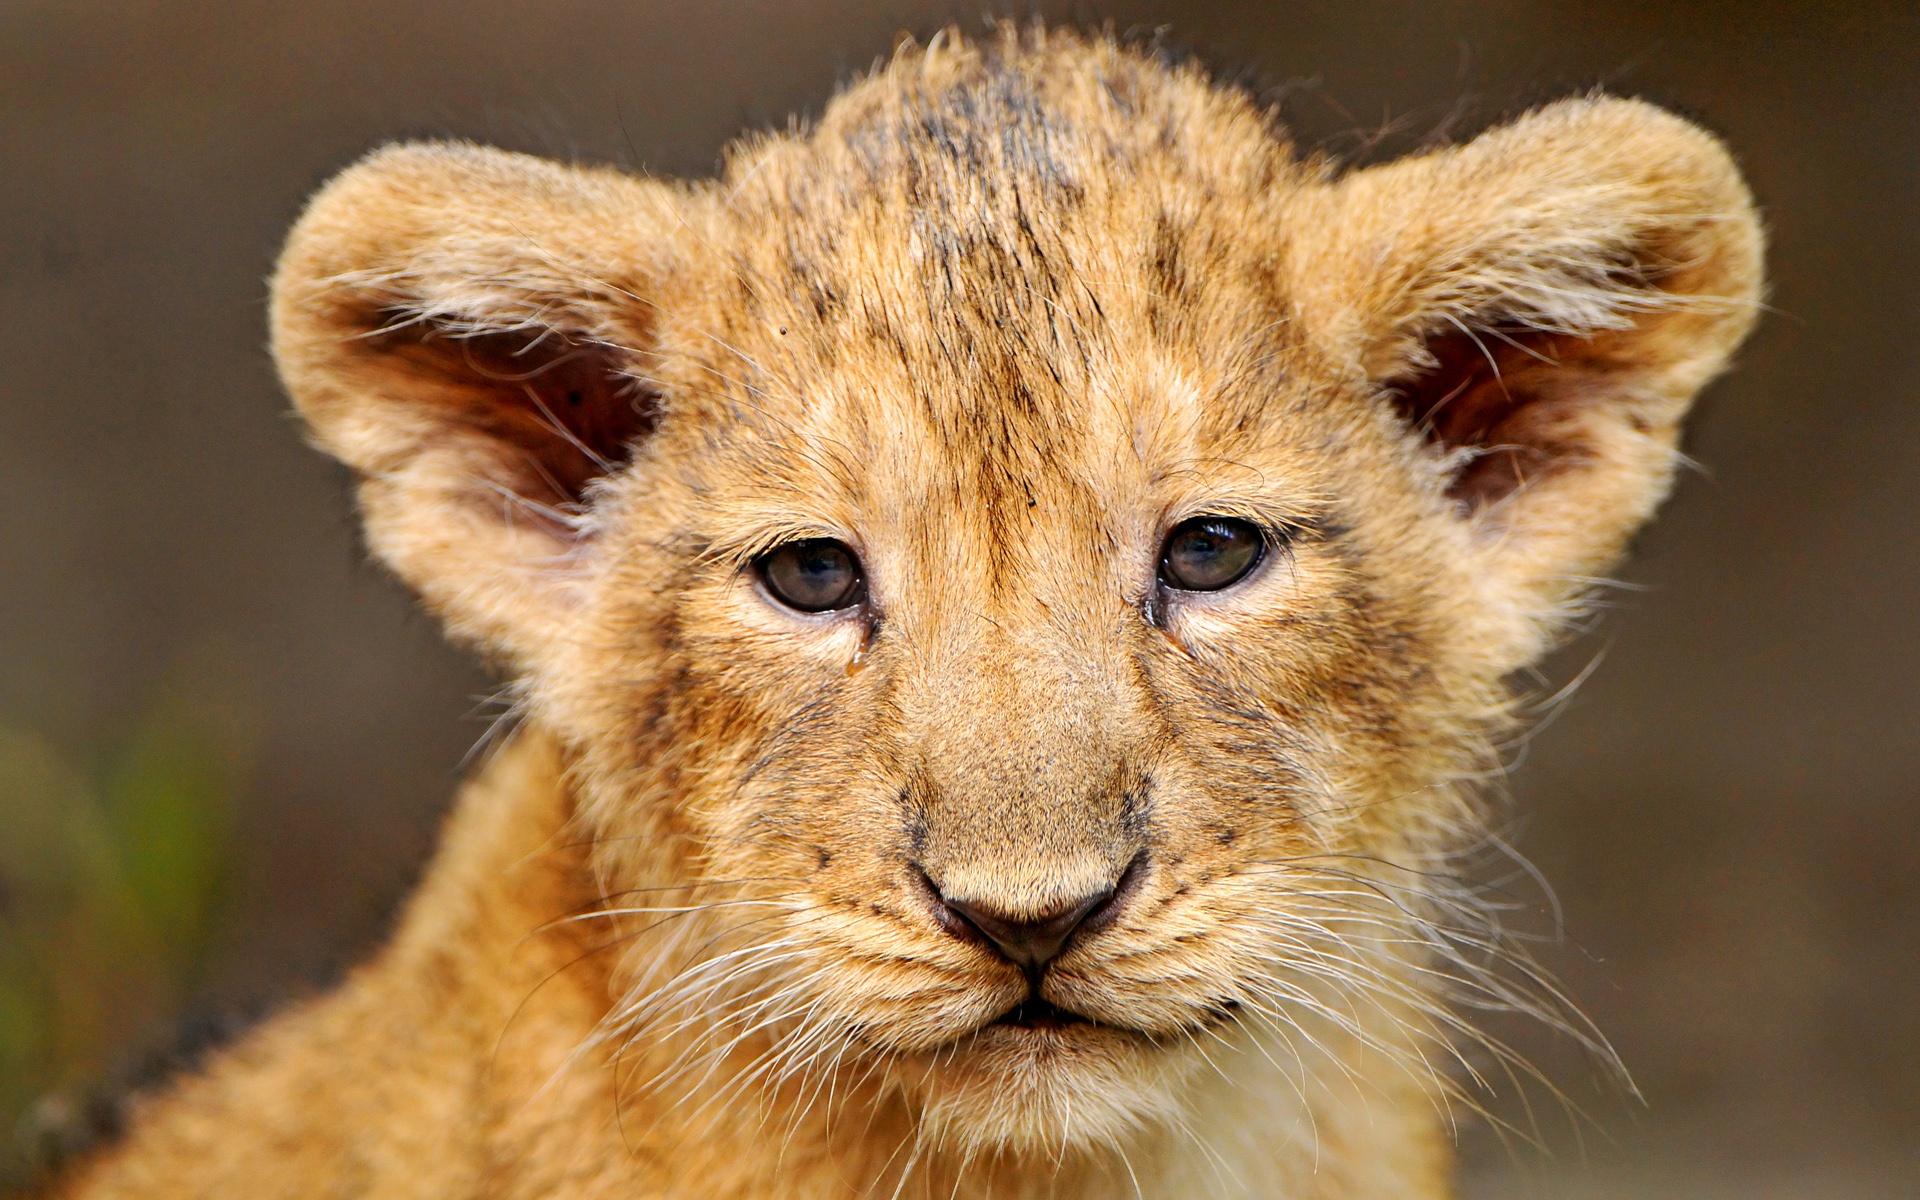 Portrait of a lion cub 1920x1200 wallpaper download page 901764 1920x1200